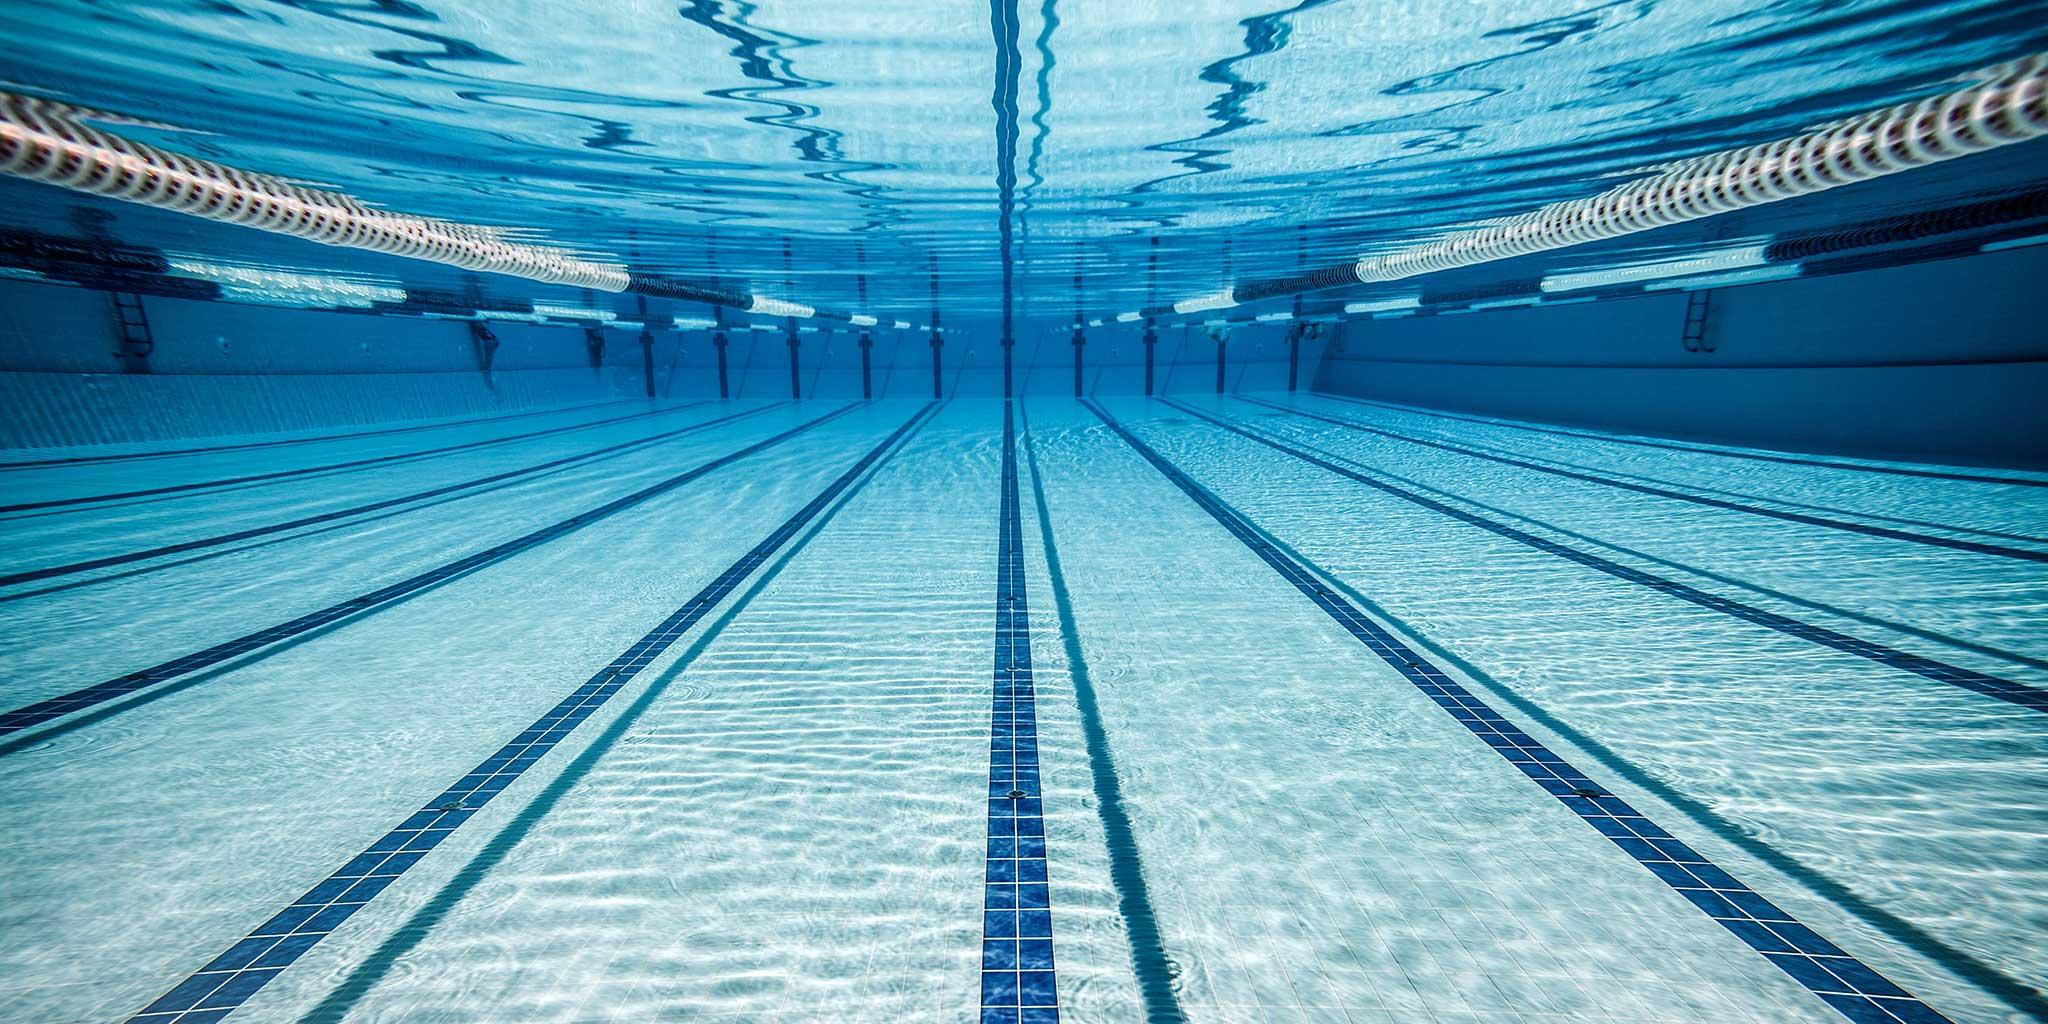 Mantenimiento anual de piscinas cerradas en entorno privado